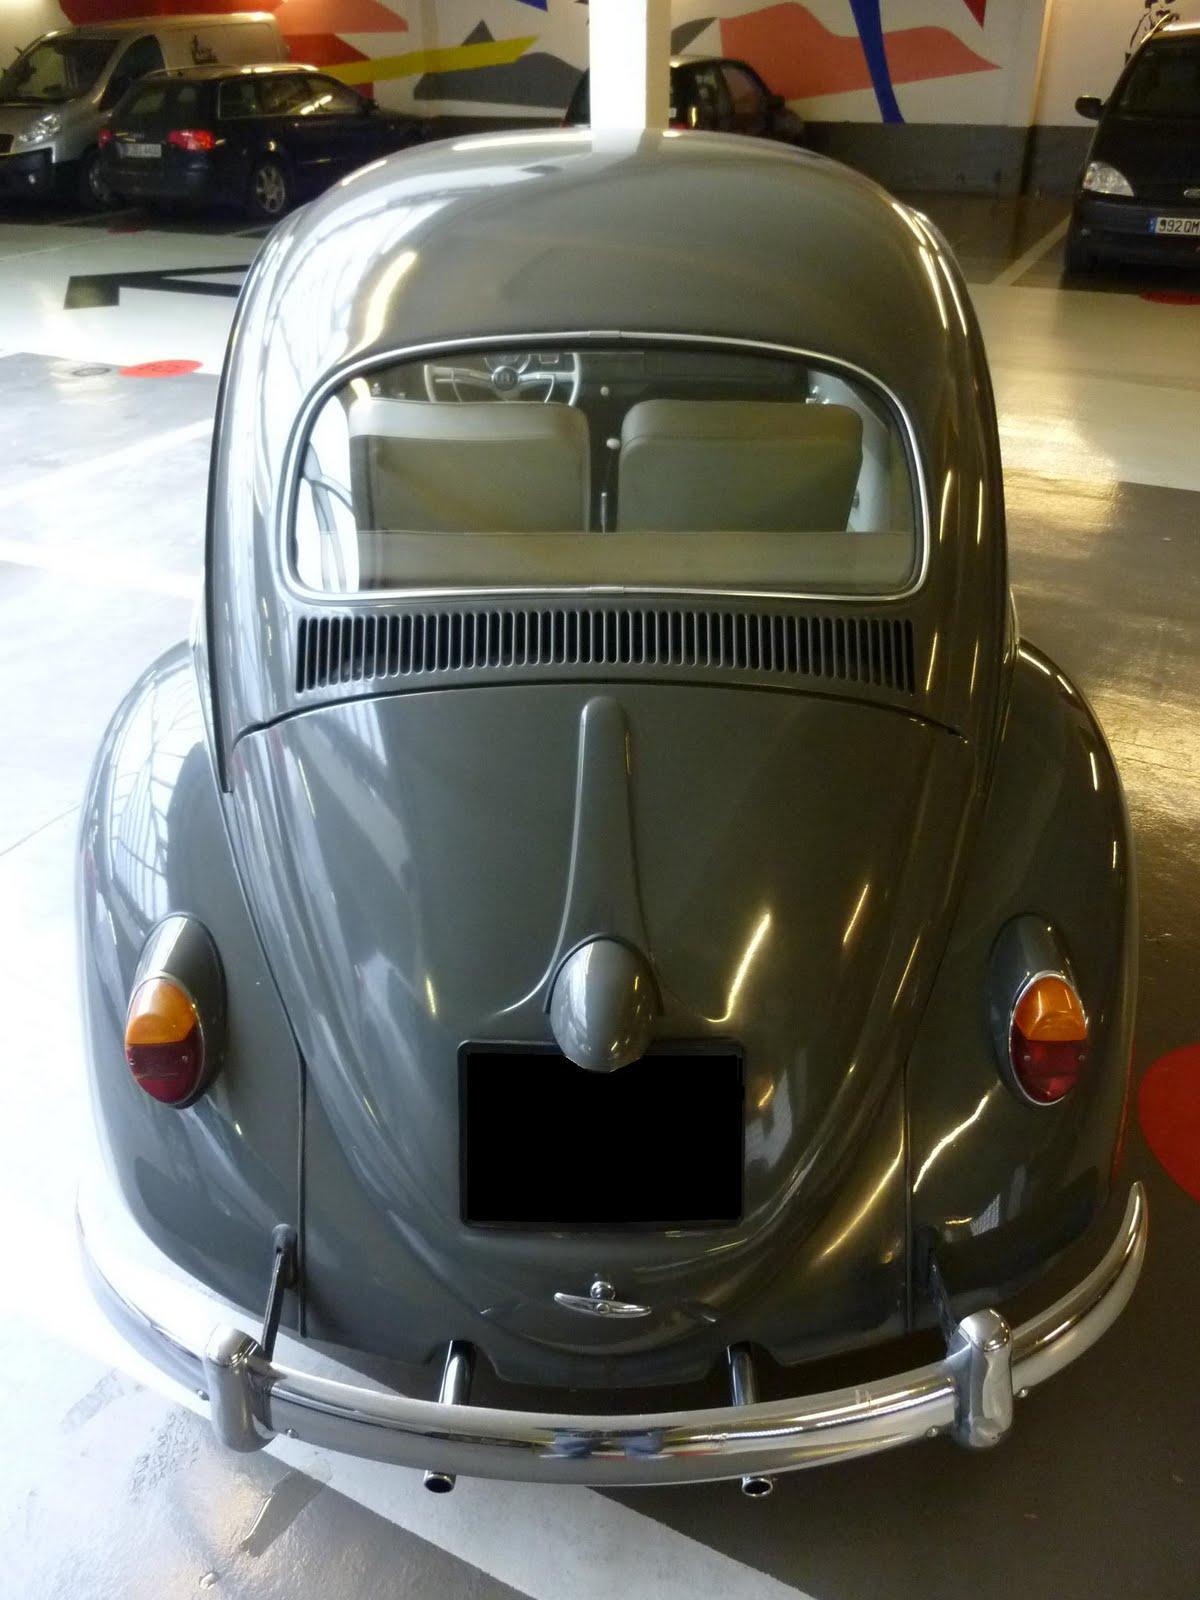 autocoach d p t vente automobile paris volkswagen coccinelle 1200 luxe 1962. Black Bedroom Furniture Sets. Home Design Ideas